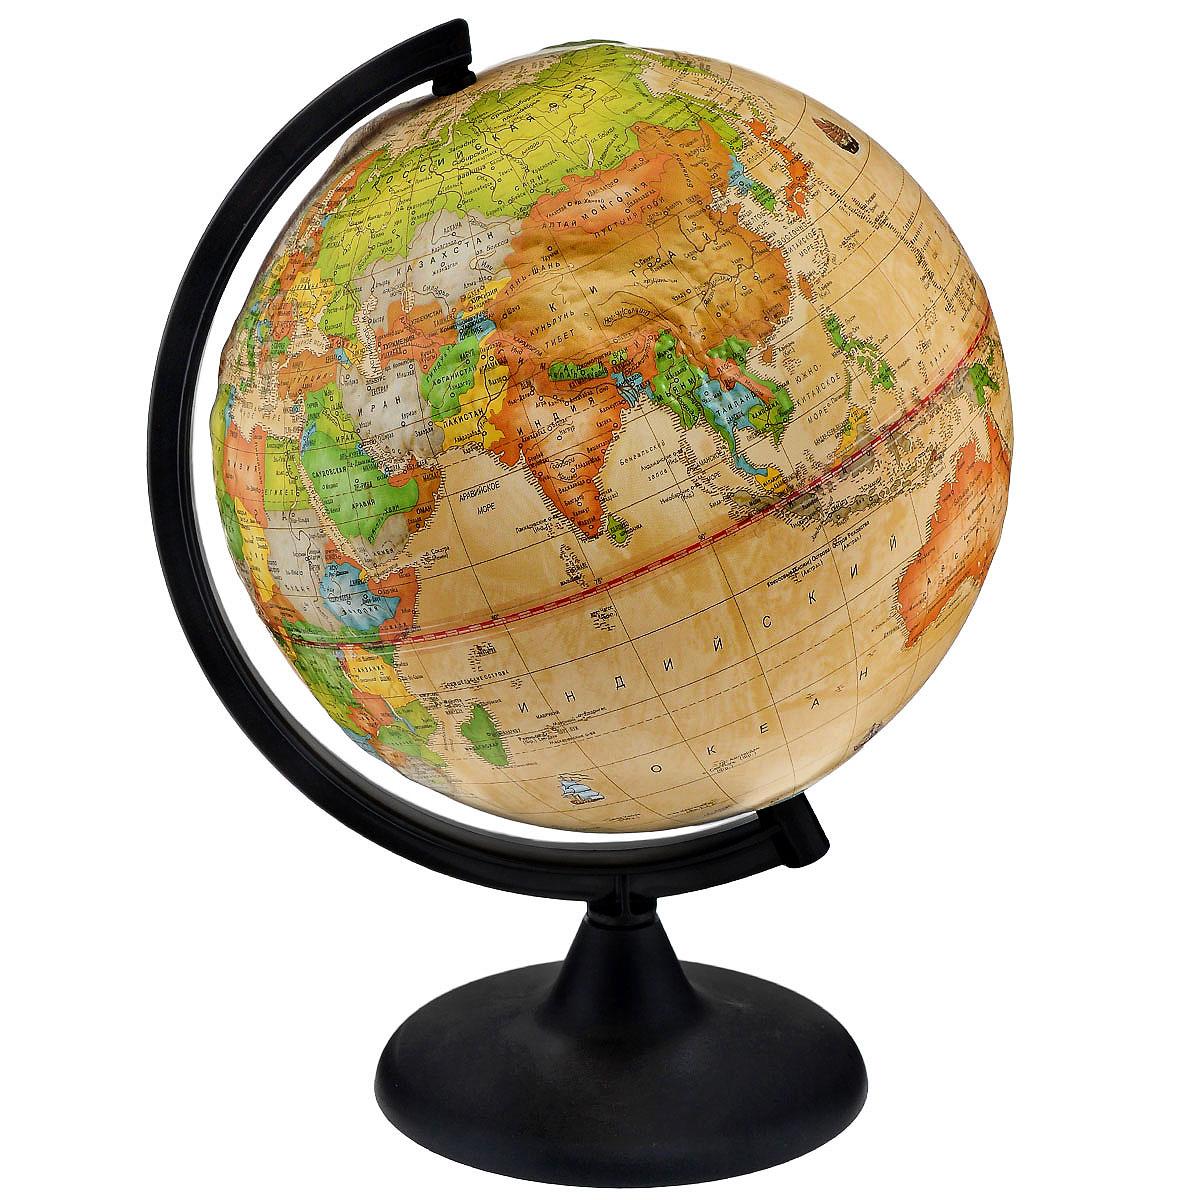 Глобусный мир Глобус с политической картой, Ретро-Александр, рельефный, диаметр 25 смFS-00897Глобус Ретро-Александр в ретро стиле с политической картой мира выполнен в высоком качестве, с четким и ярким изображением. Он даст представление о политическом устройстве мира. На нем отображены линии картографической сетки, показаны границы государств и демаркационные линии, столицы и крупные населенные пункты, линия перемены дат. Глобус легко вращается вокруг своей оси. Подставка черного цвета изготовлена из прочного пластика. Глобус является уменьшенной и практически не искаженной моделью Земли и предназначен для использования в качестве наглядного картографического пособия, а также для украшения интерьера квартир, кабинетов и офисов. Красочность, повышенная наглядность визуального восприятия взаимосвязей, отображенных на глобусе объектов и явлений, в сочетании с простотой выполнения по нему различных измерений делают глобус доступным широкому кругу потребителей для получения разнообразной познавательной, научной и справочной информации о Земле.Масштаб: 1:50000000.